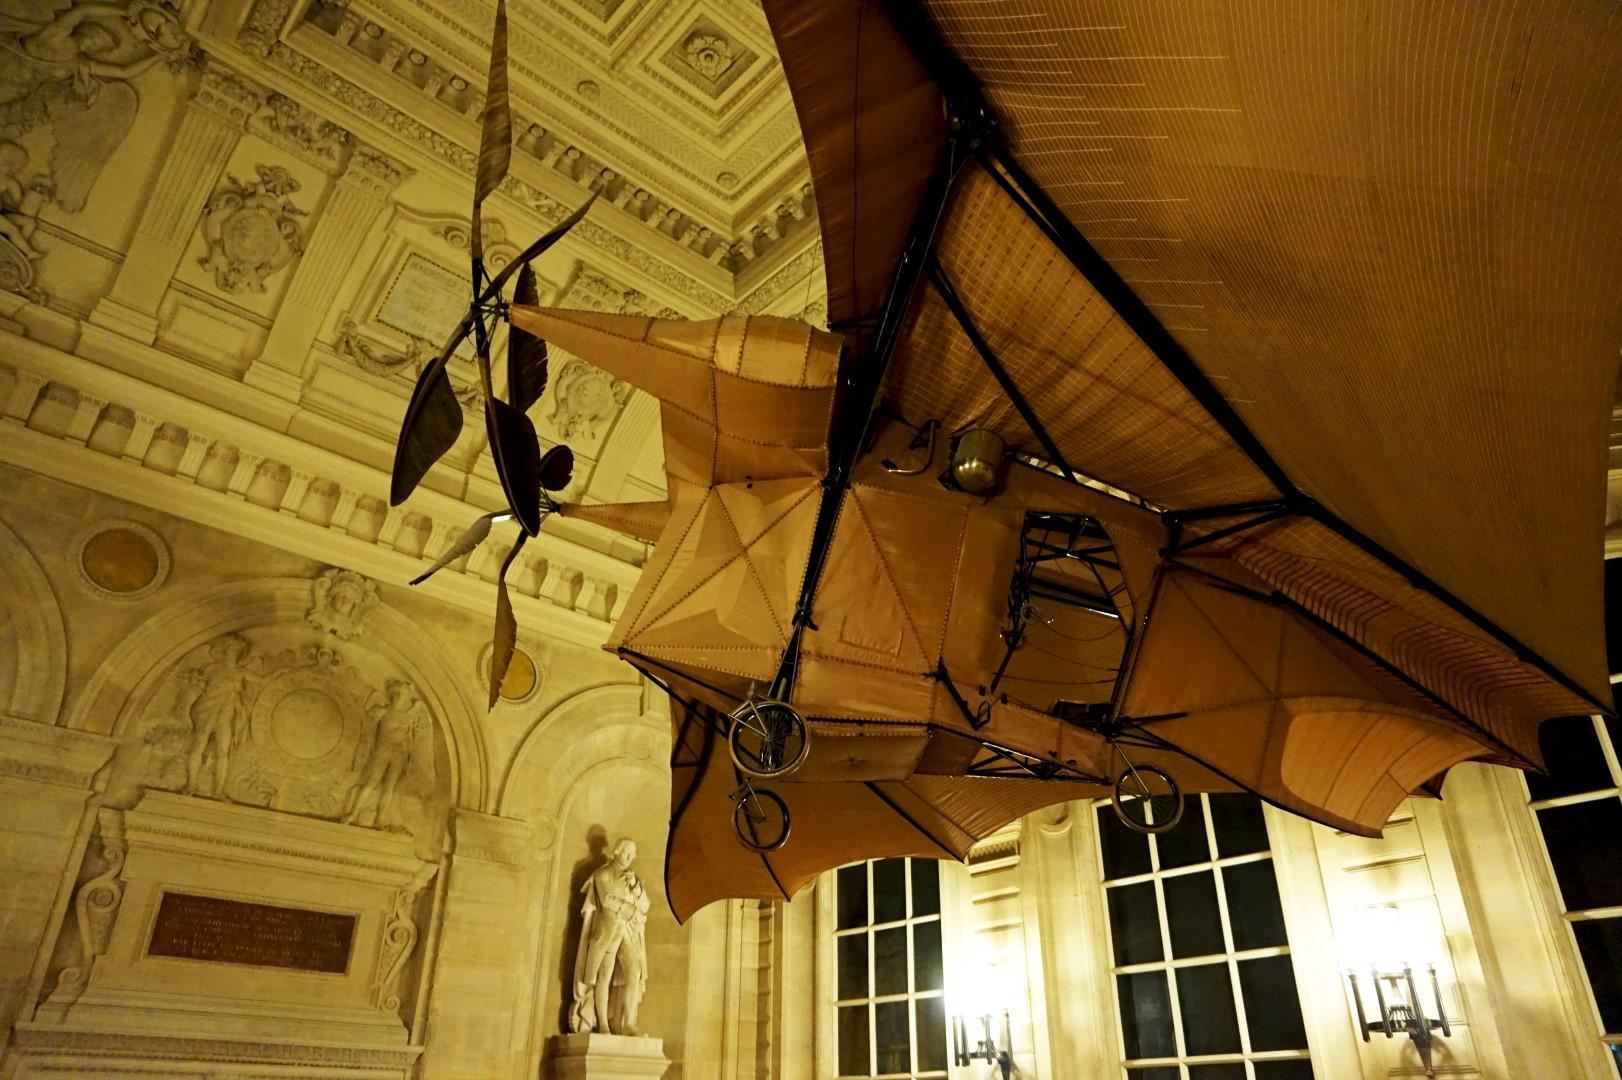 Musée des Arts et Métiers - Paris